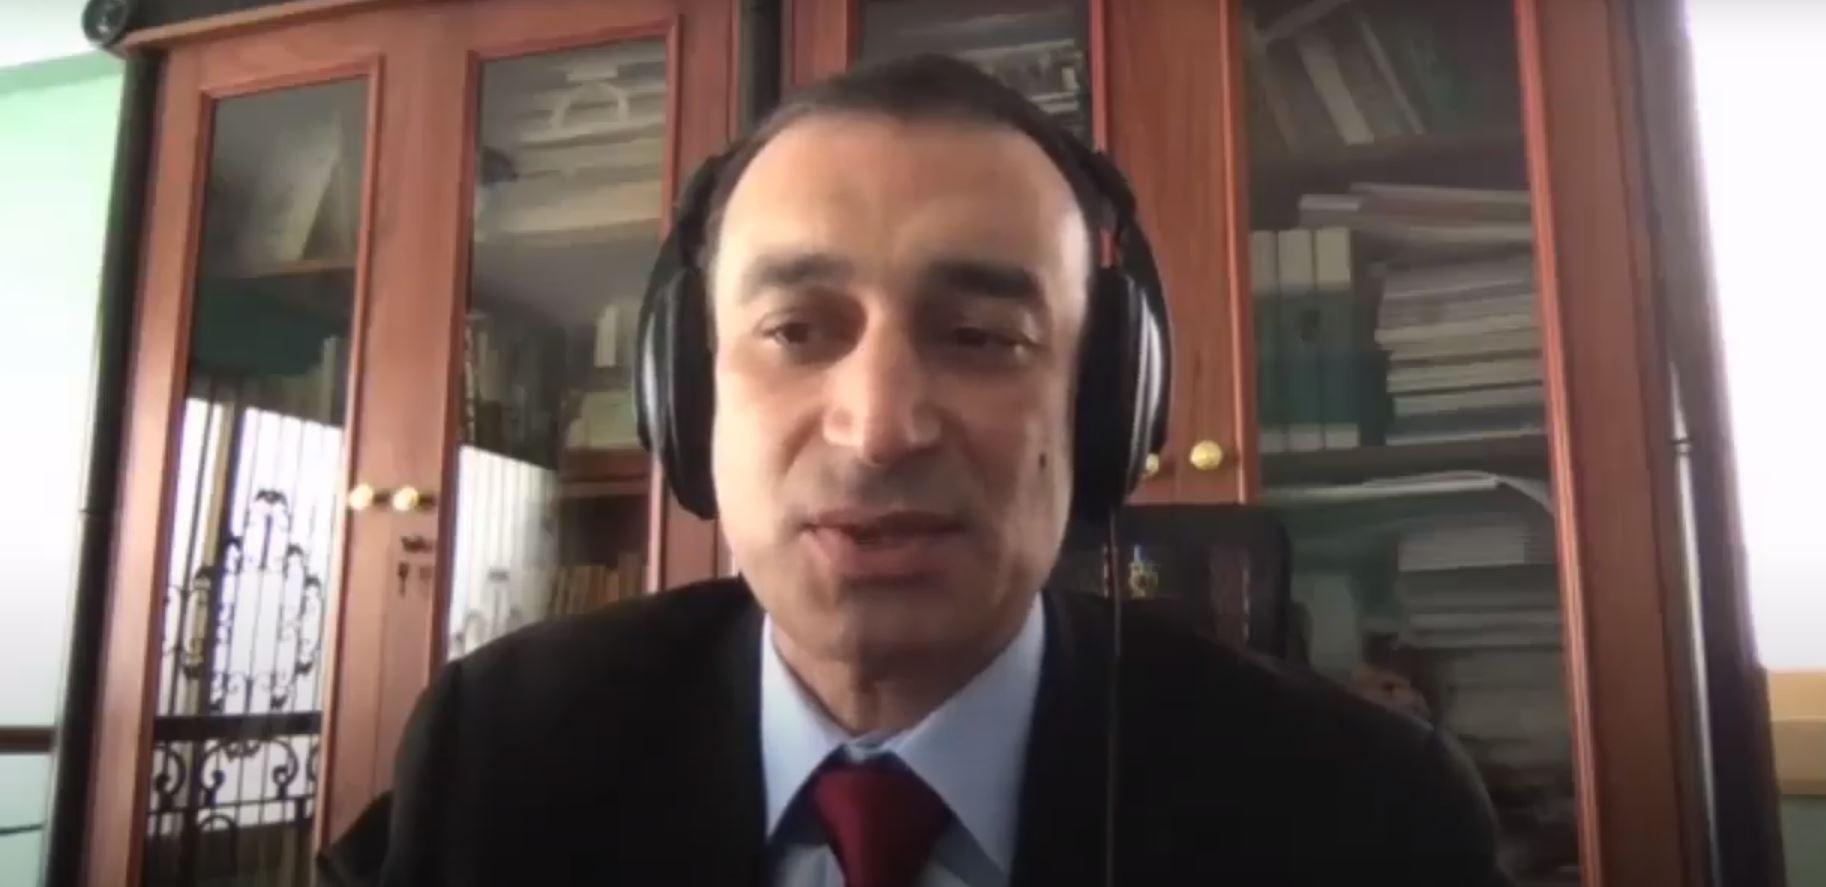 Mohamad-online.JPG#asset:7202